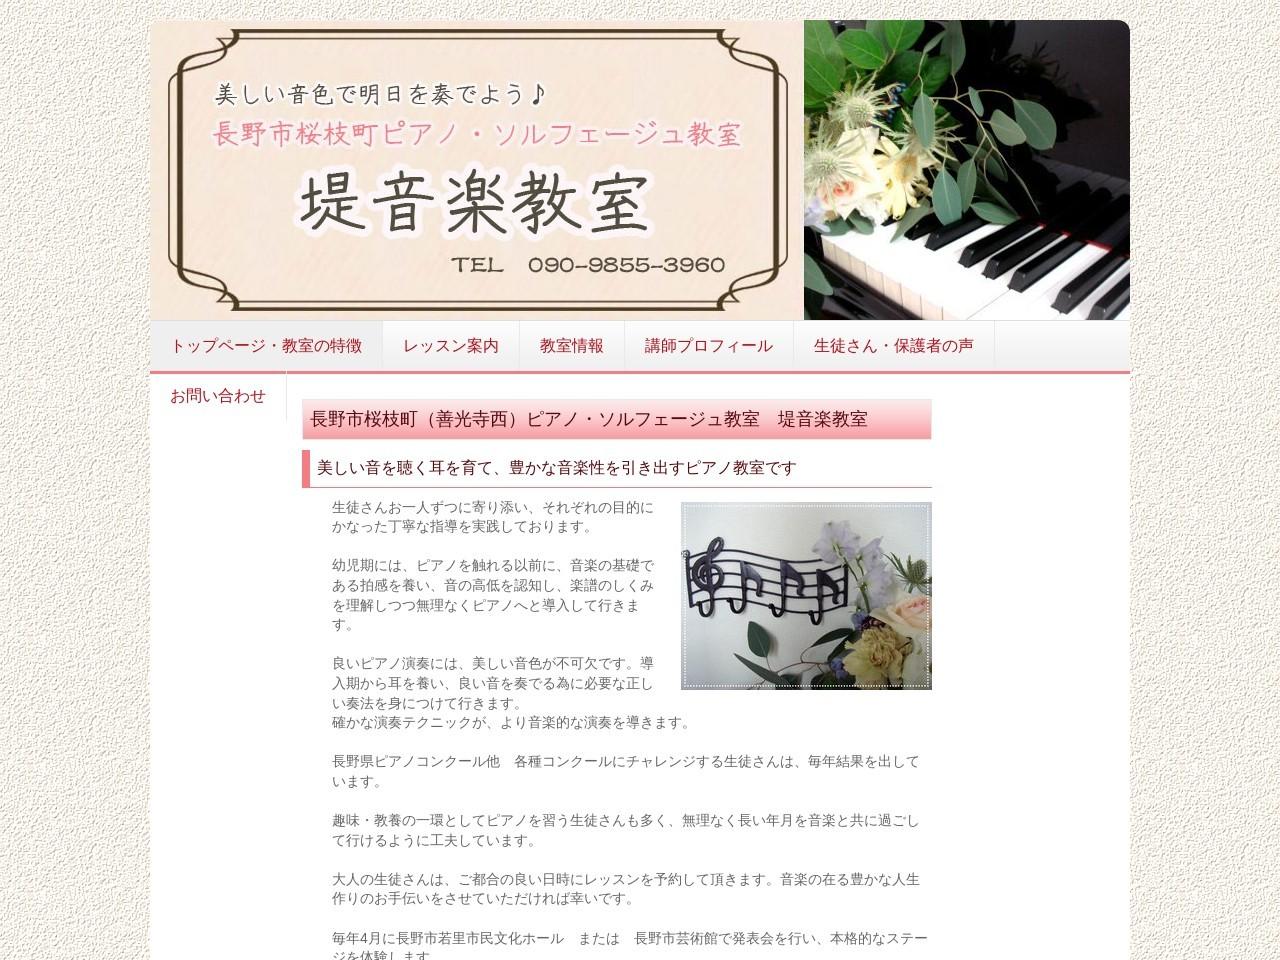 堤ピアノ音楽教室のサムネイル